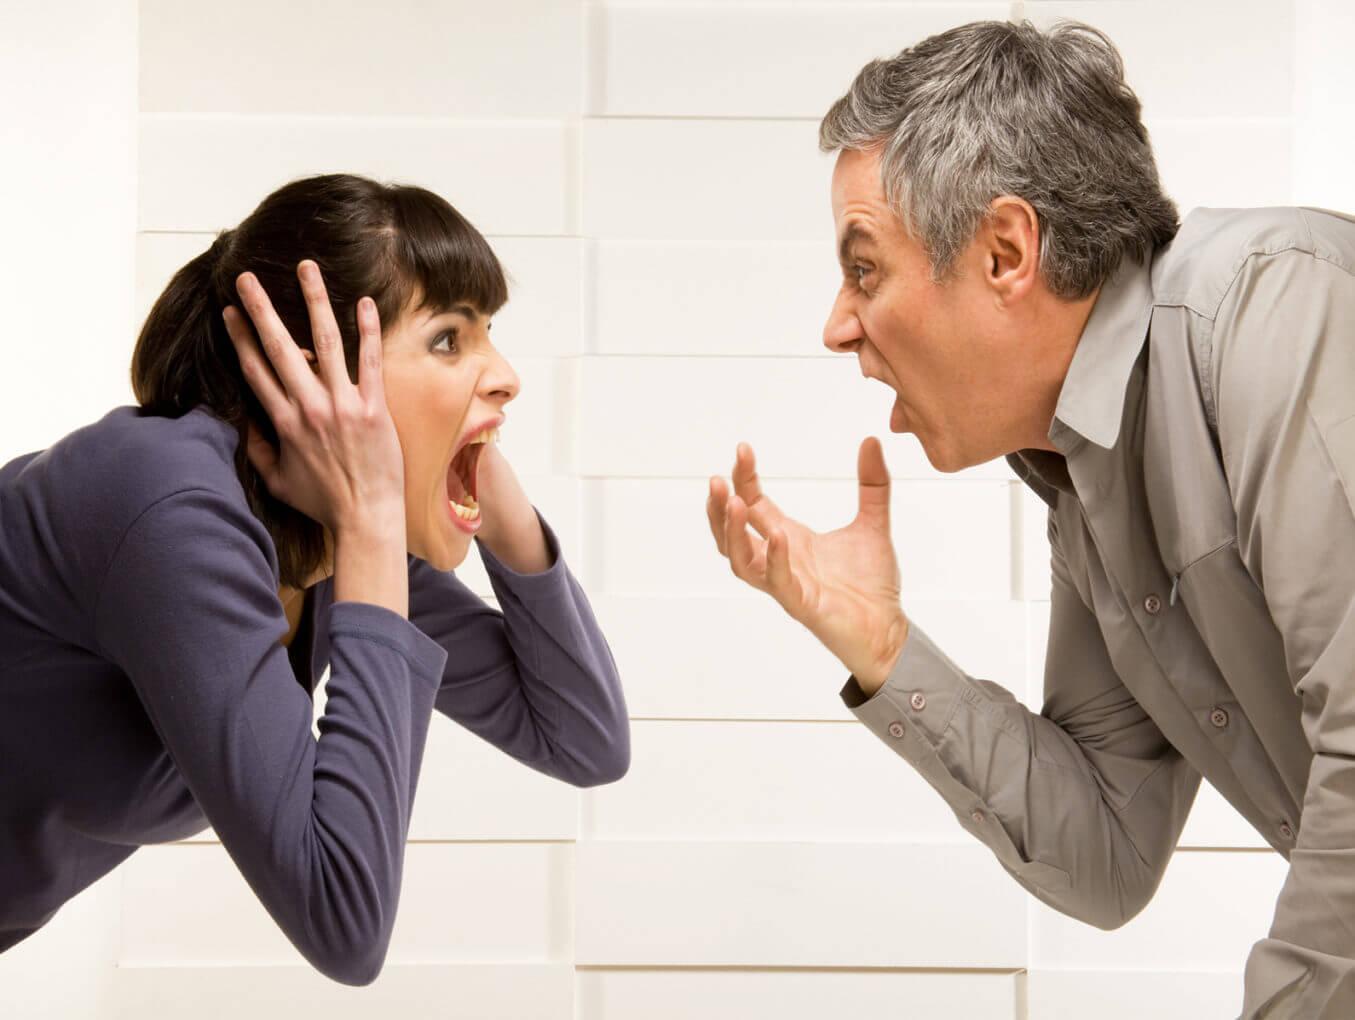 Конфликт между начальником и подчиненной